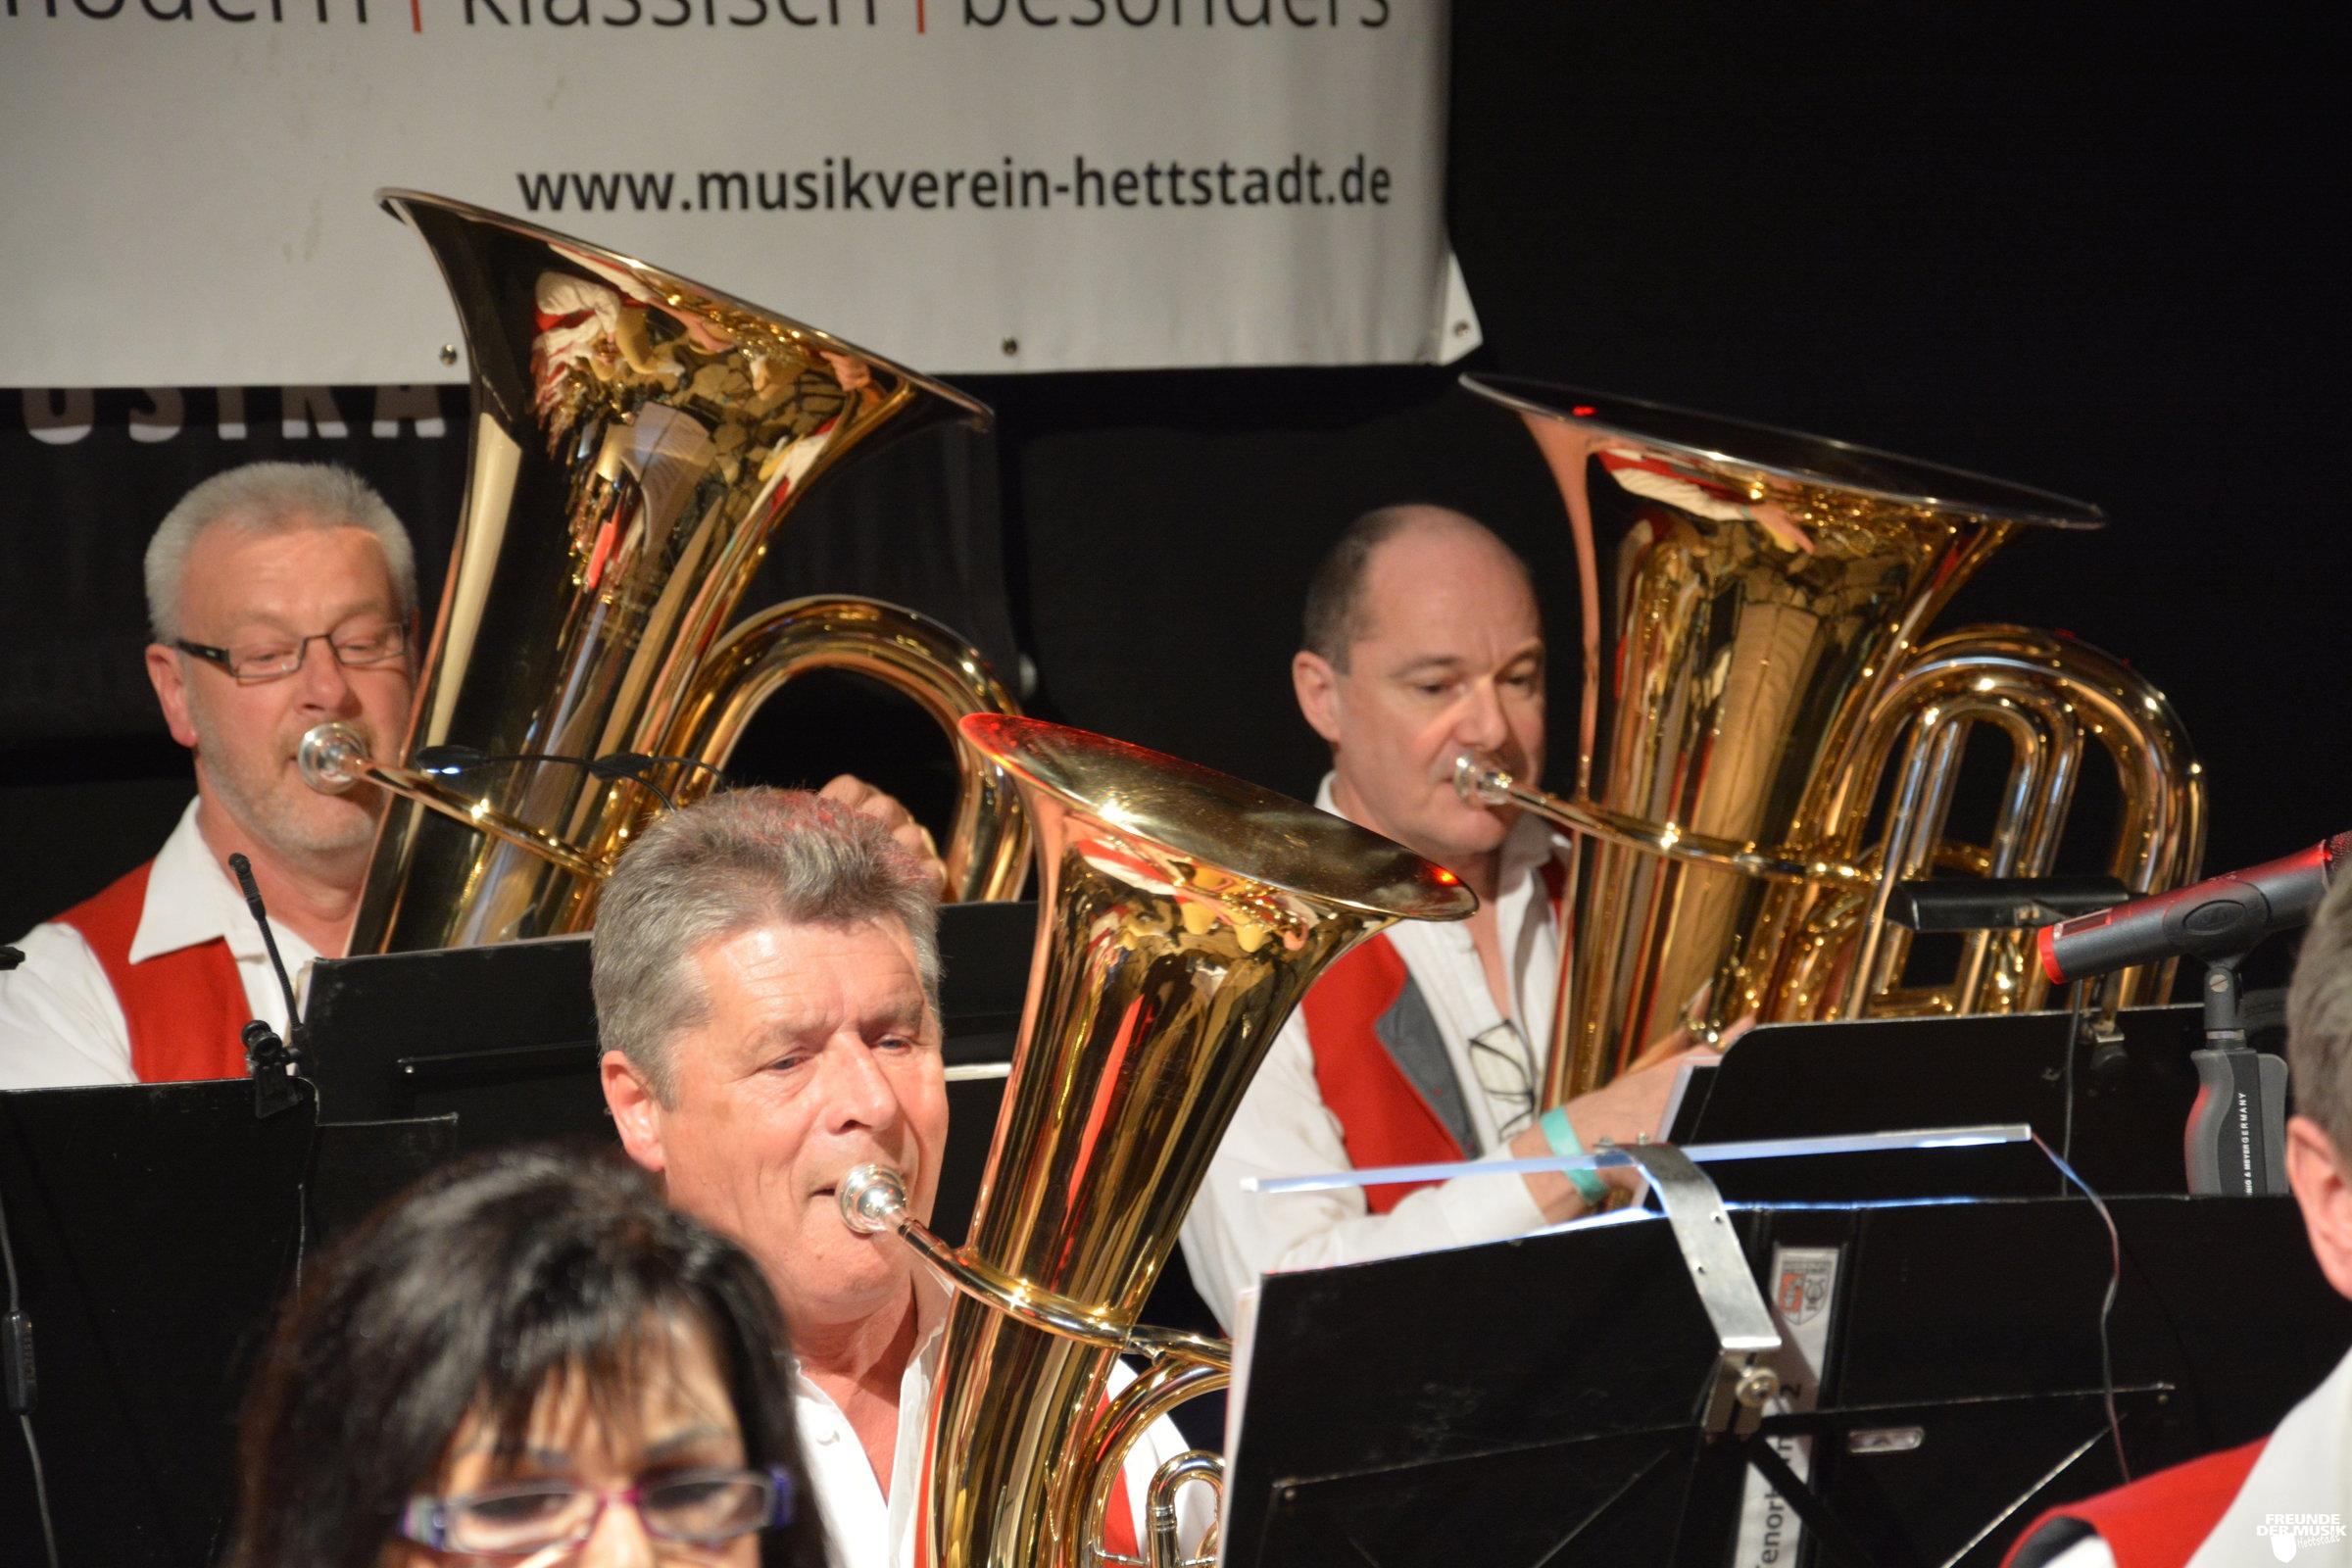 2019-03-23_MV_Hettstadt_Starkbierfest_009